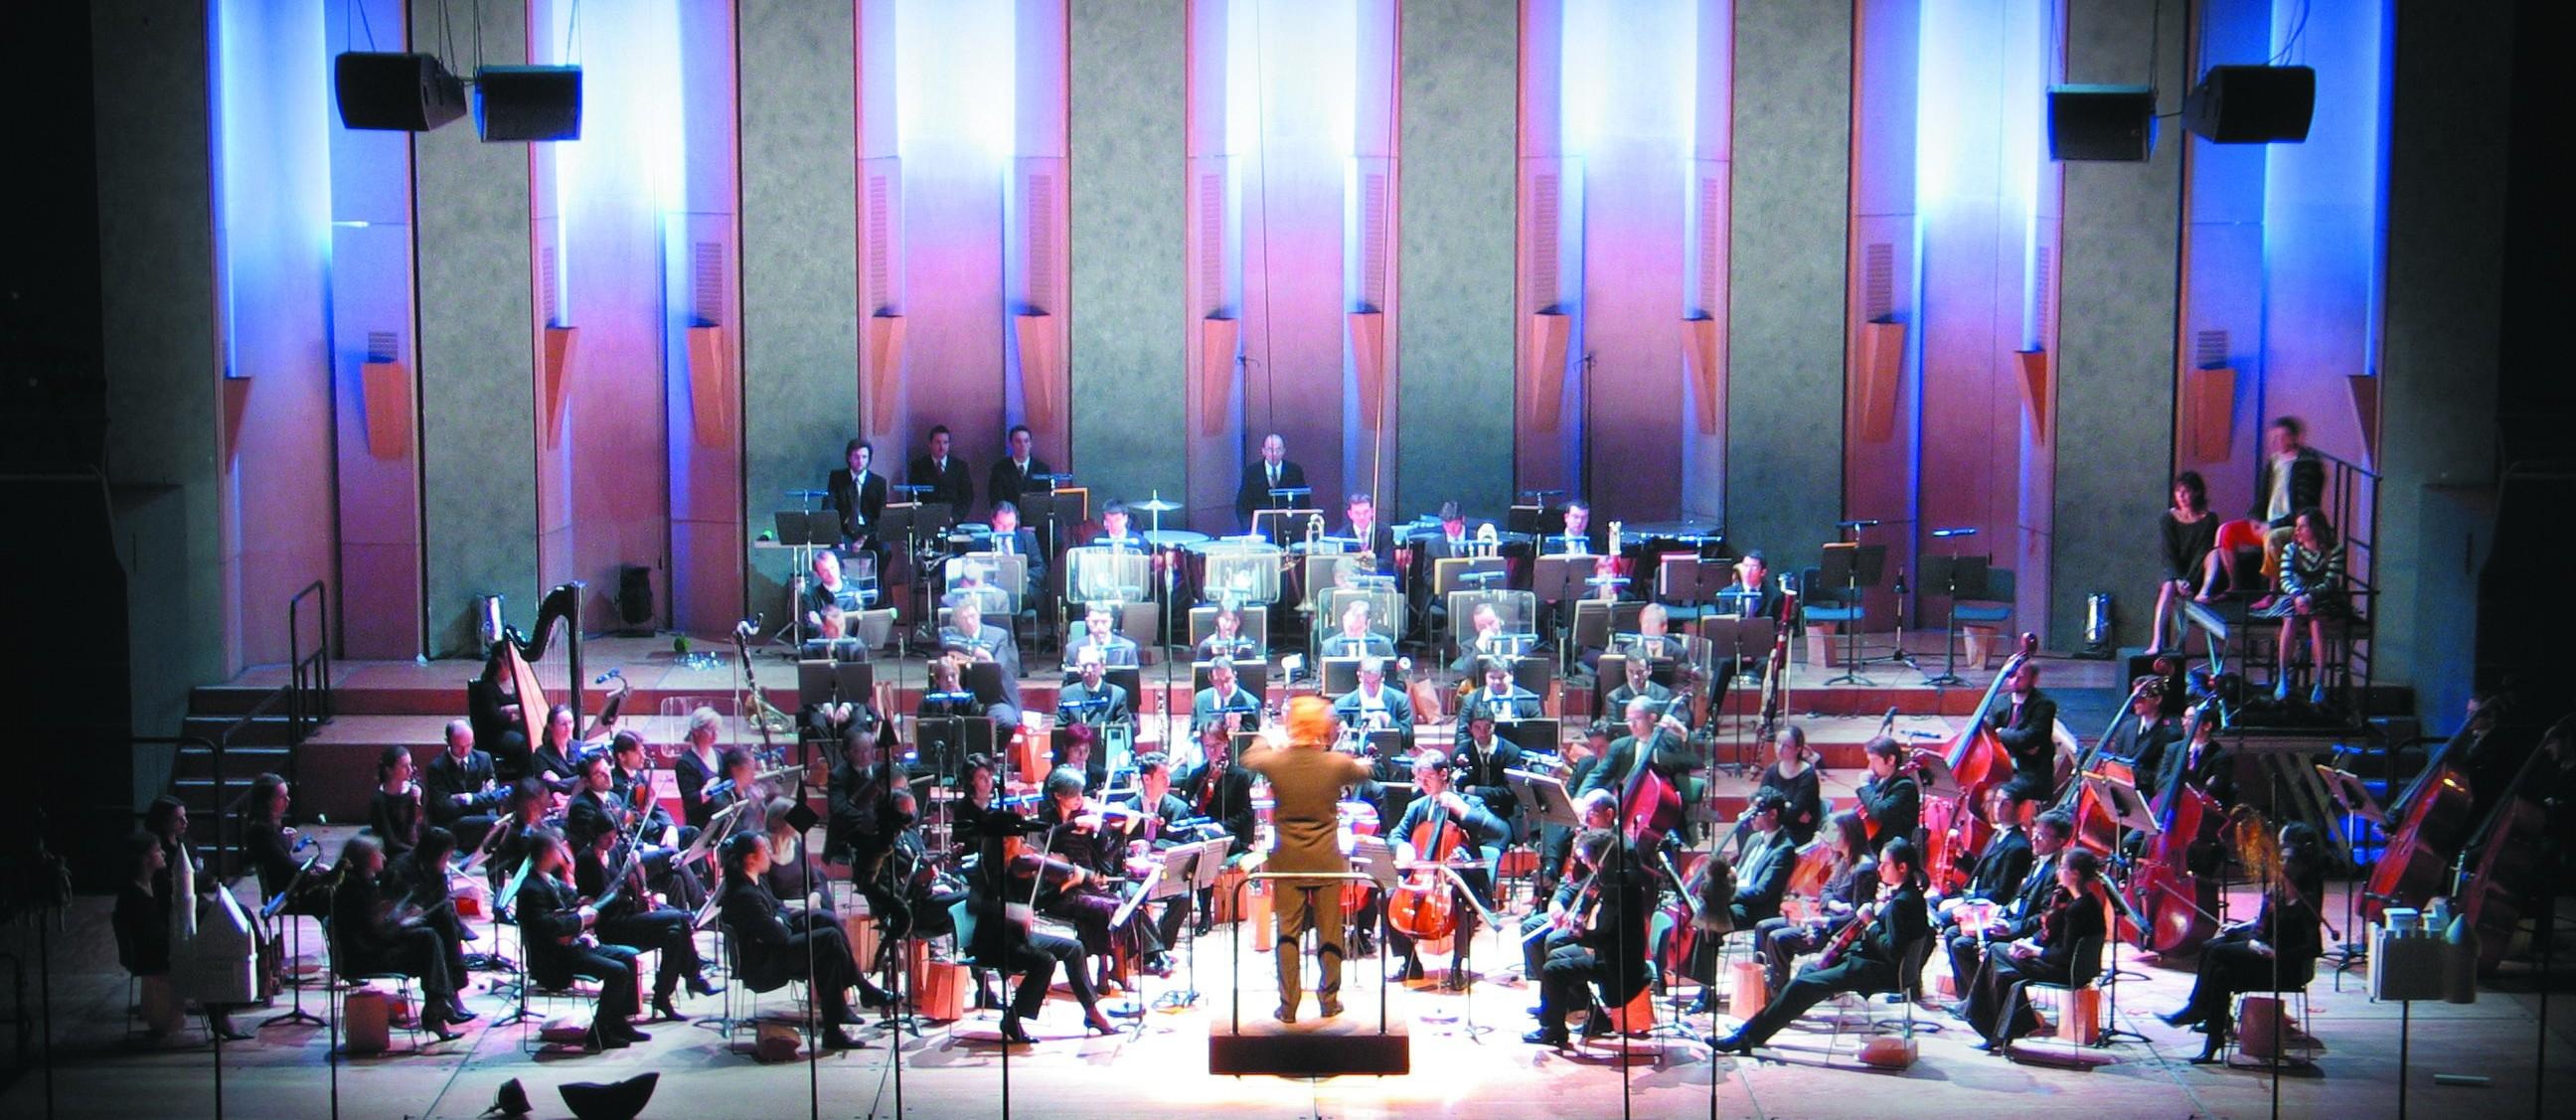 La CitŽ de la Musique Salle des concerts Concert Classique Tonhalle de Zurich ©Pierre-Emmanuel Rastoin www.rastoin.com